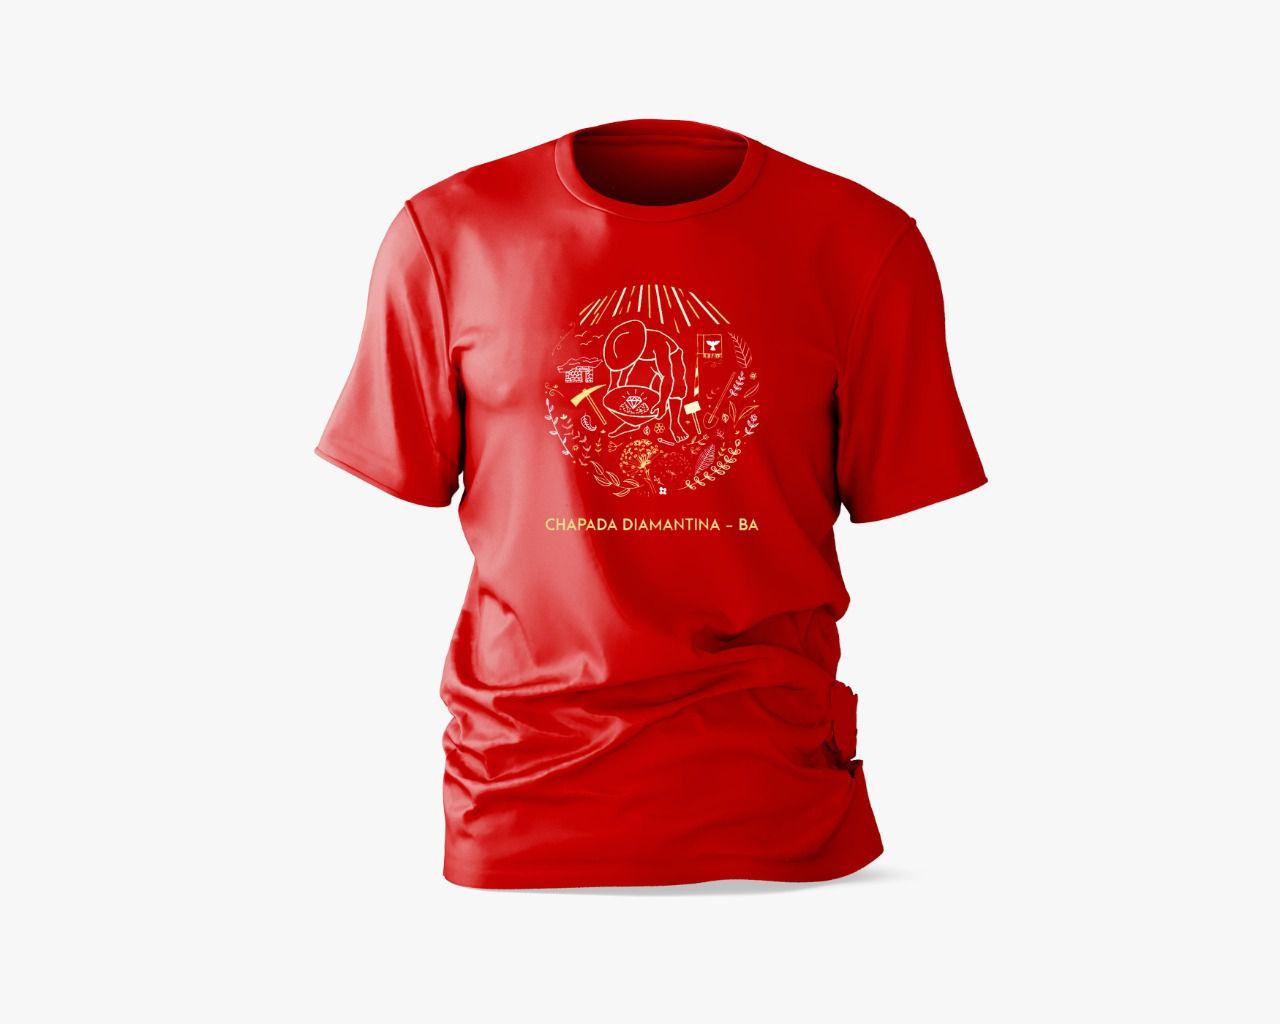 Camisa Chapada Diamantina - ANDARAÍ